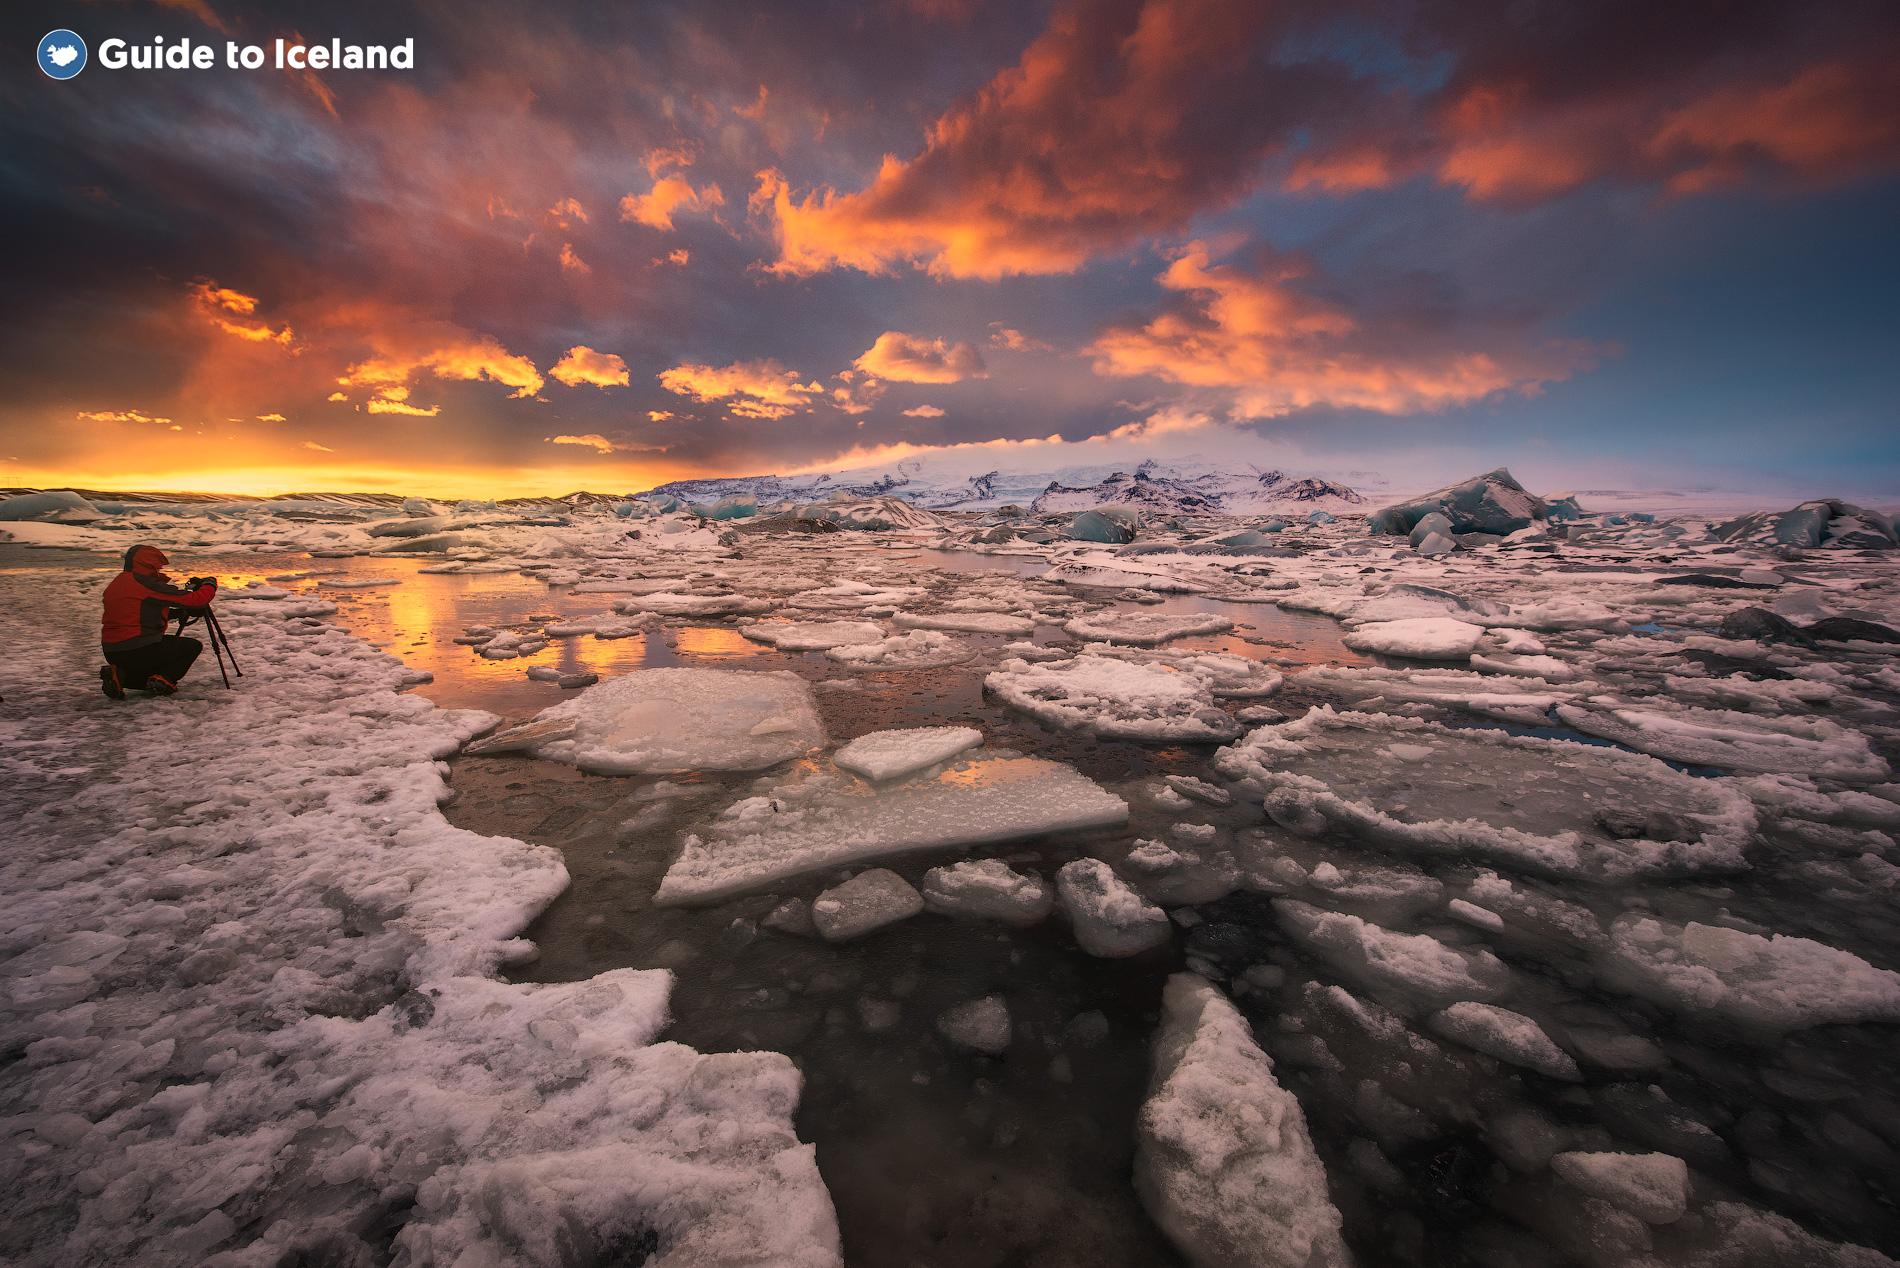 10-дневный тур | Путешествие по кольцевой дороге Исландии и Рейкьявик - day 4